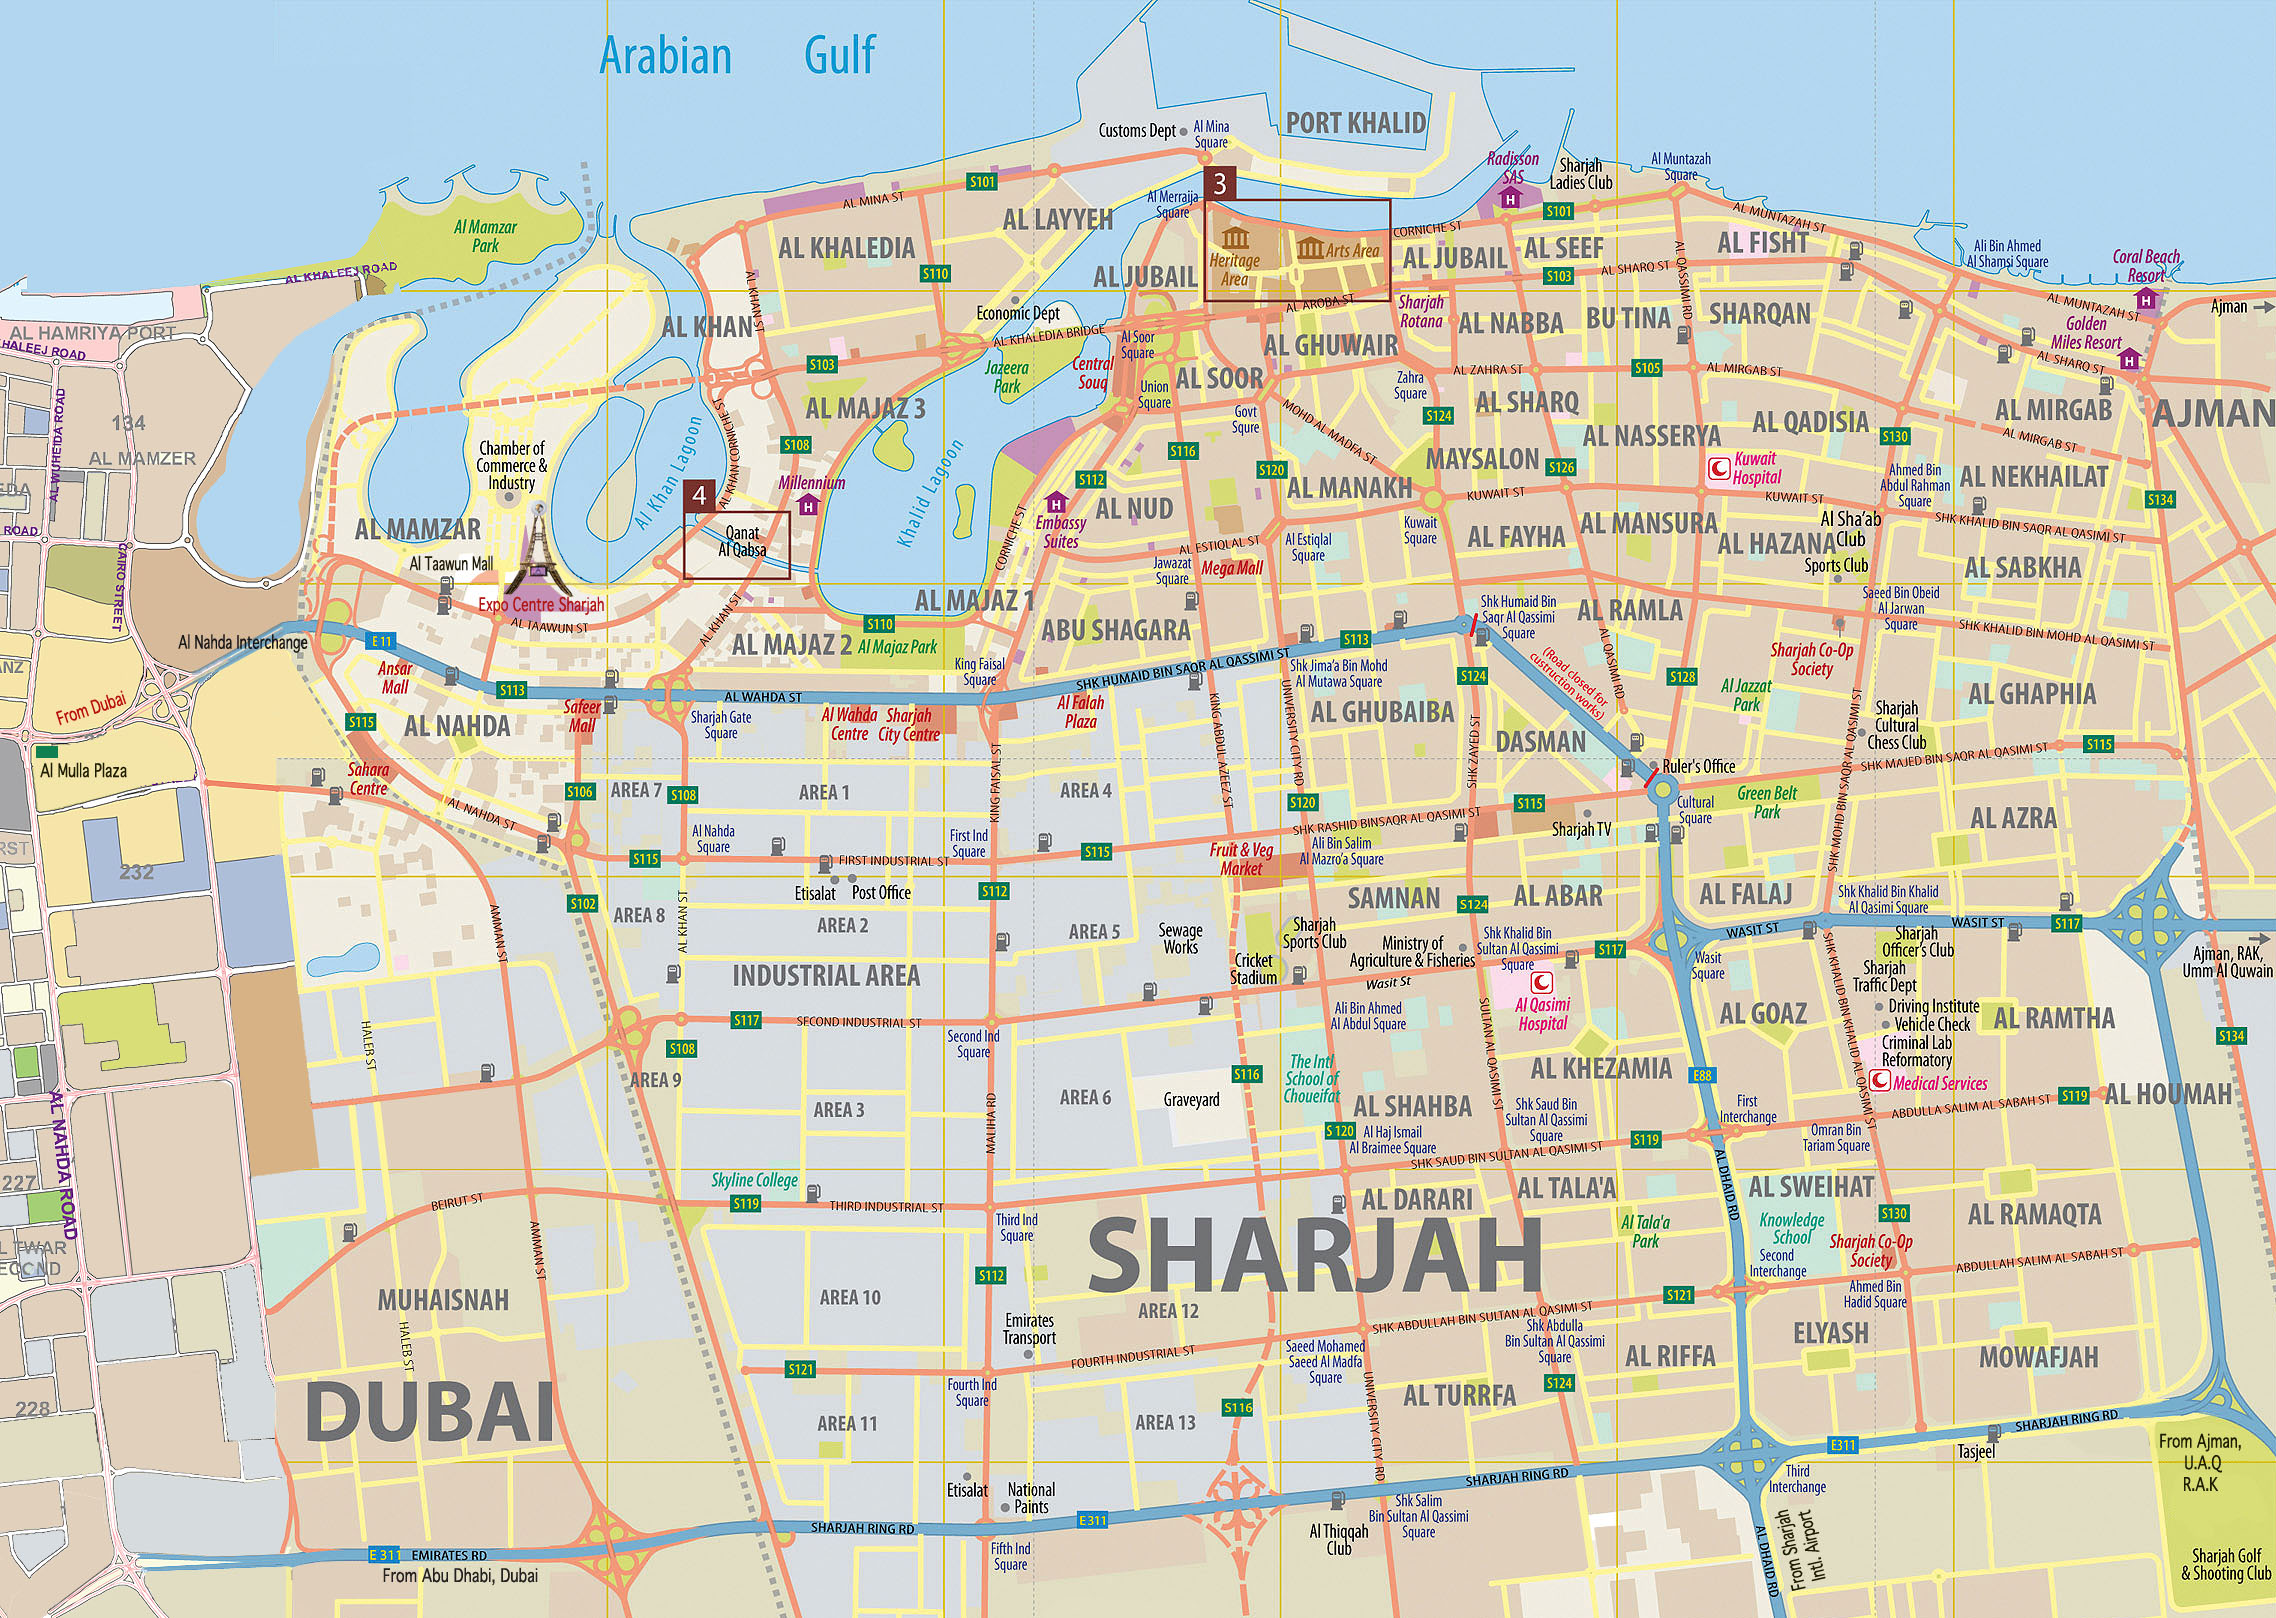 Mapa de Sharjah, Emirados Árabes Unidos